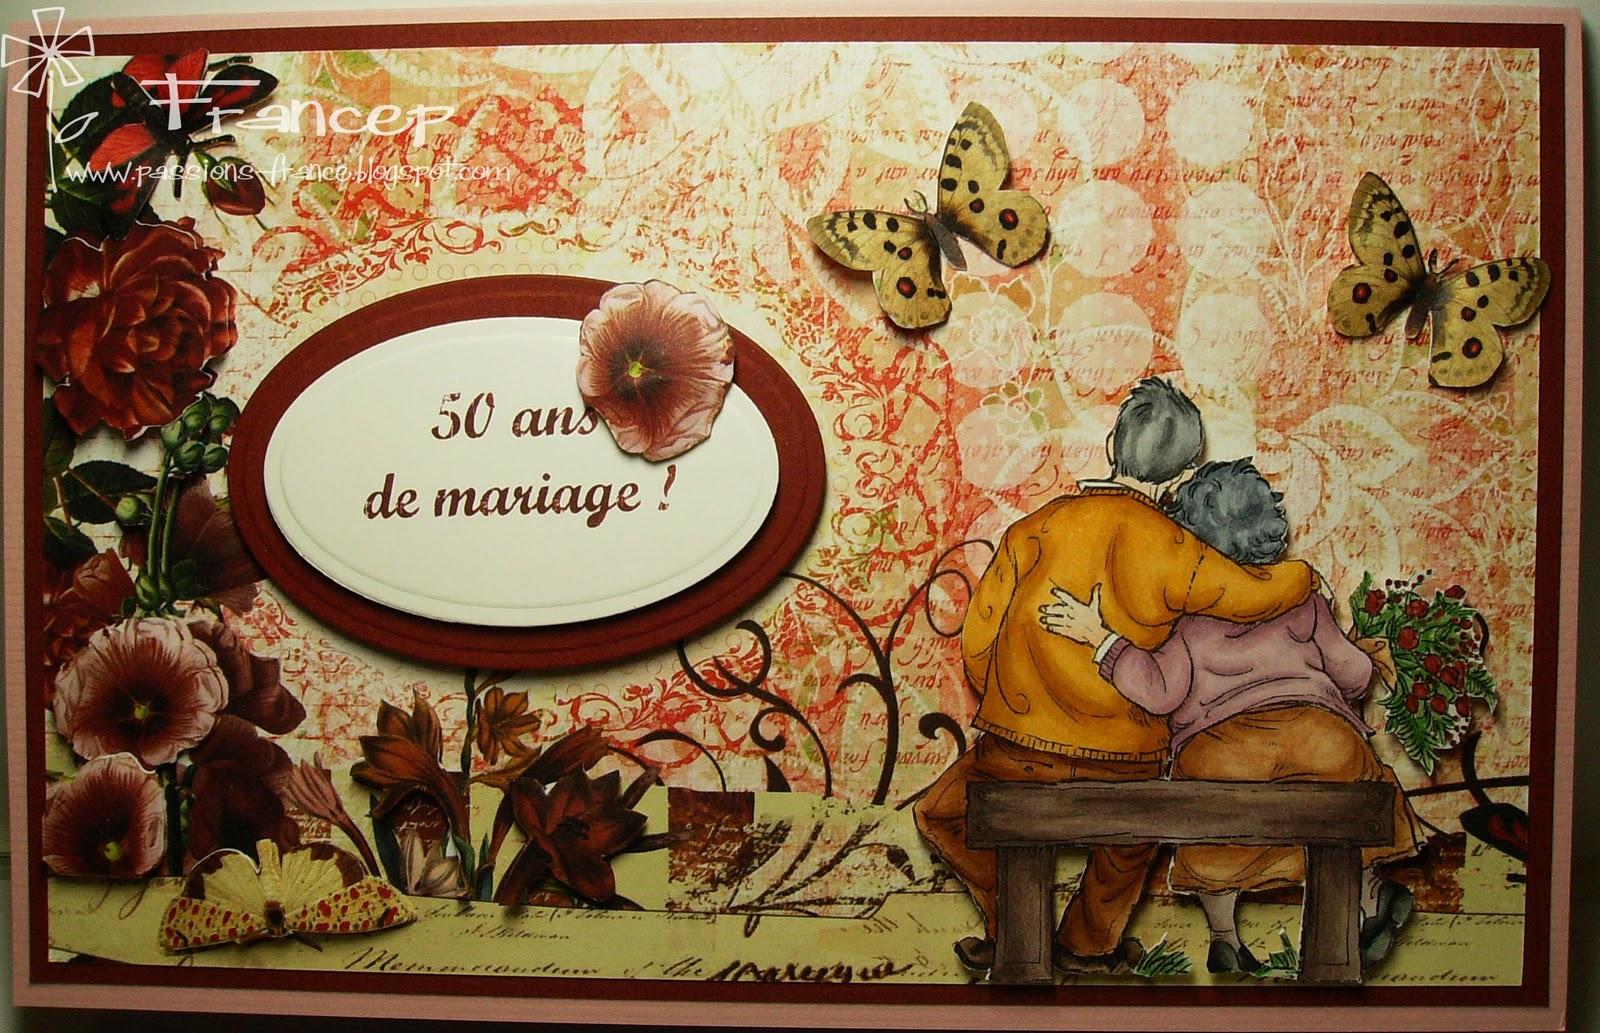 Carterie et autres projets octobre 2011 - 8 ans de mariage noce de ...